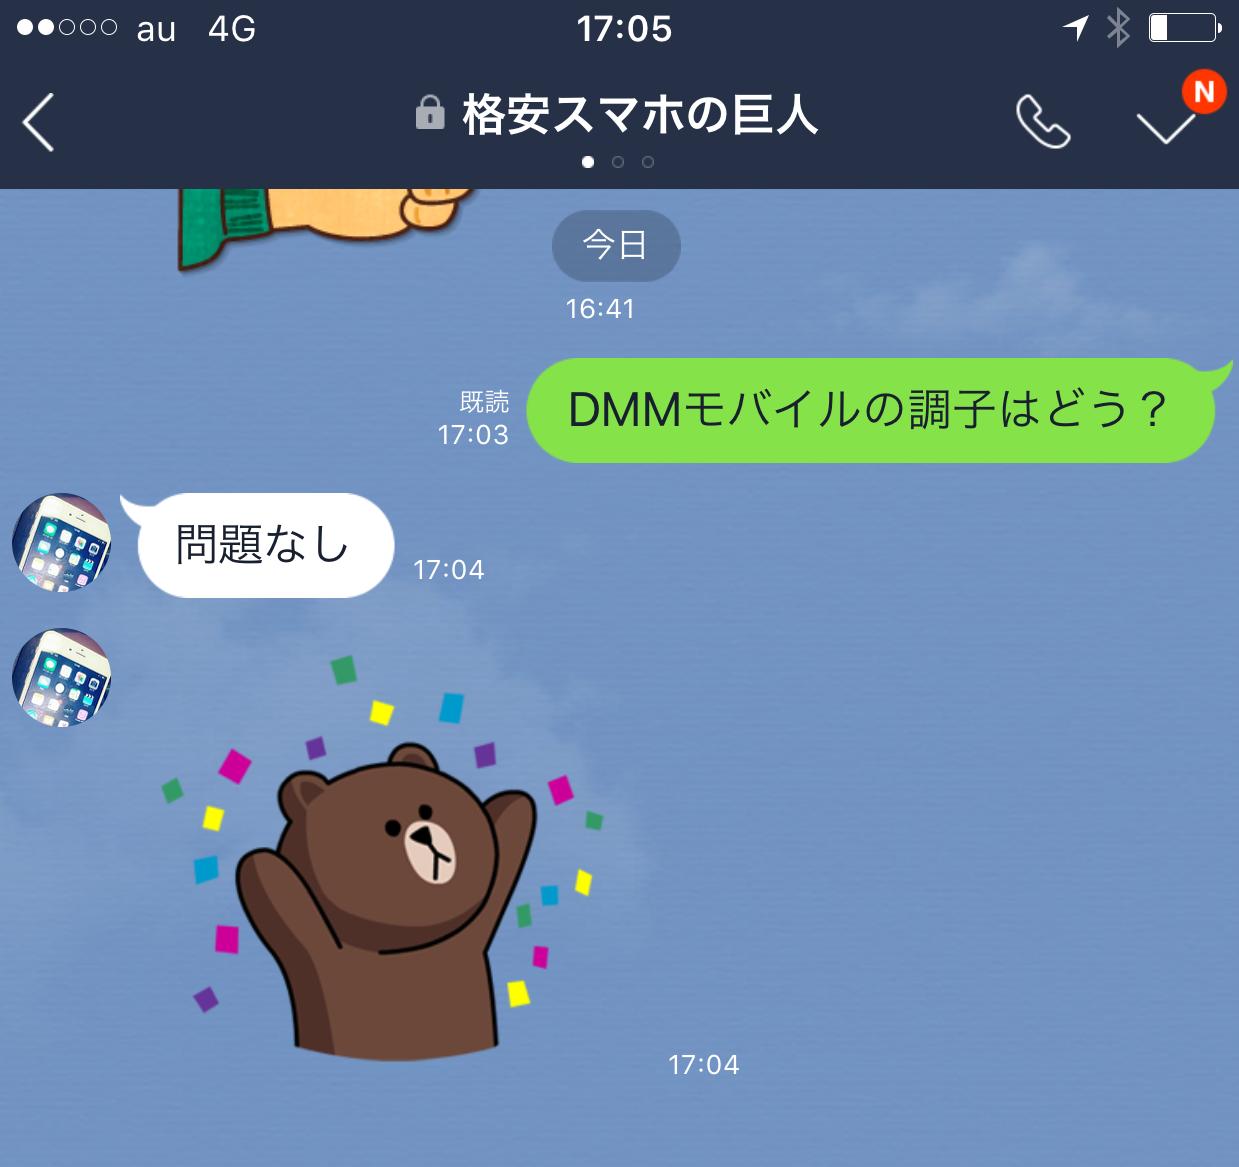 DMMモバイルでLINE